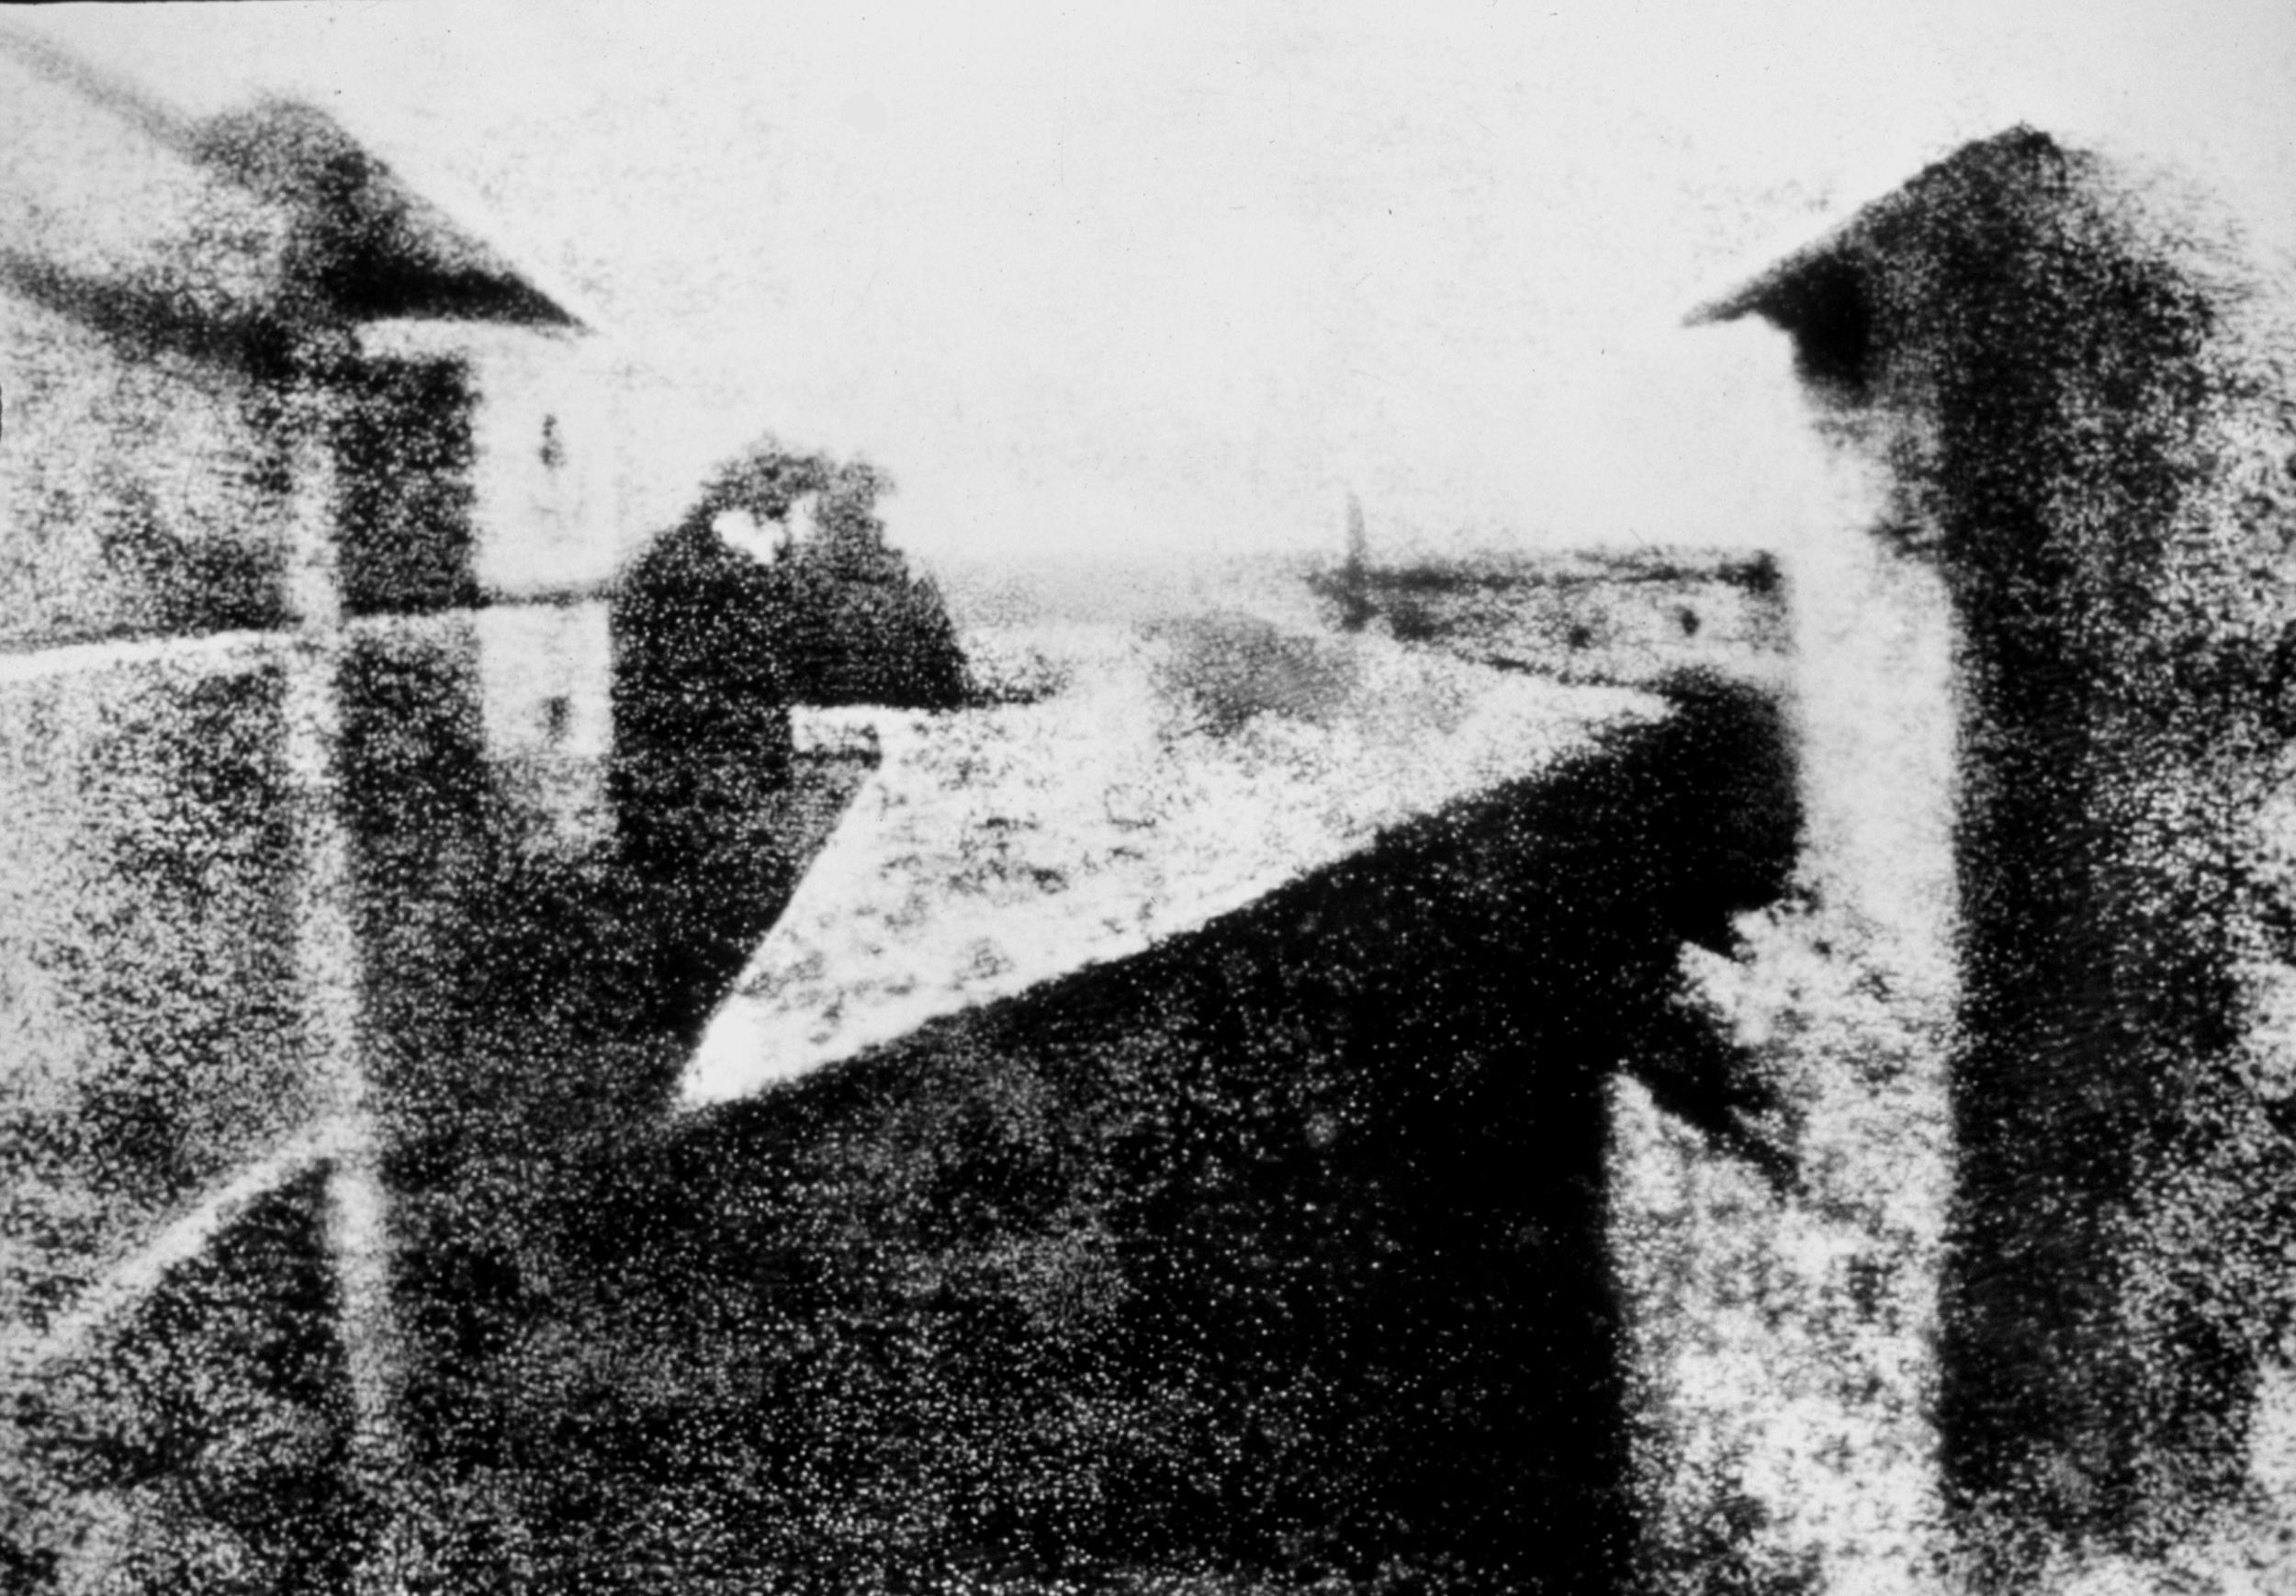 Das älteste erhaltene Foto, aufgenommen von Nicéphore Nièpce: Blick aus dem Arbeitszimmer in Le Gras, 20 x 25 cm. Durch die achtstündige Belichtungszeit erscheinen die Gebäude rechts und links sonnenbeschienen (Quelle: Wikimedia.org)